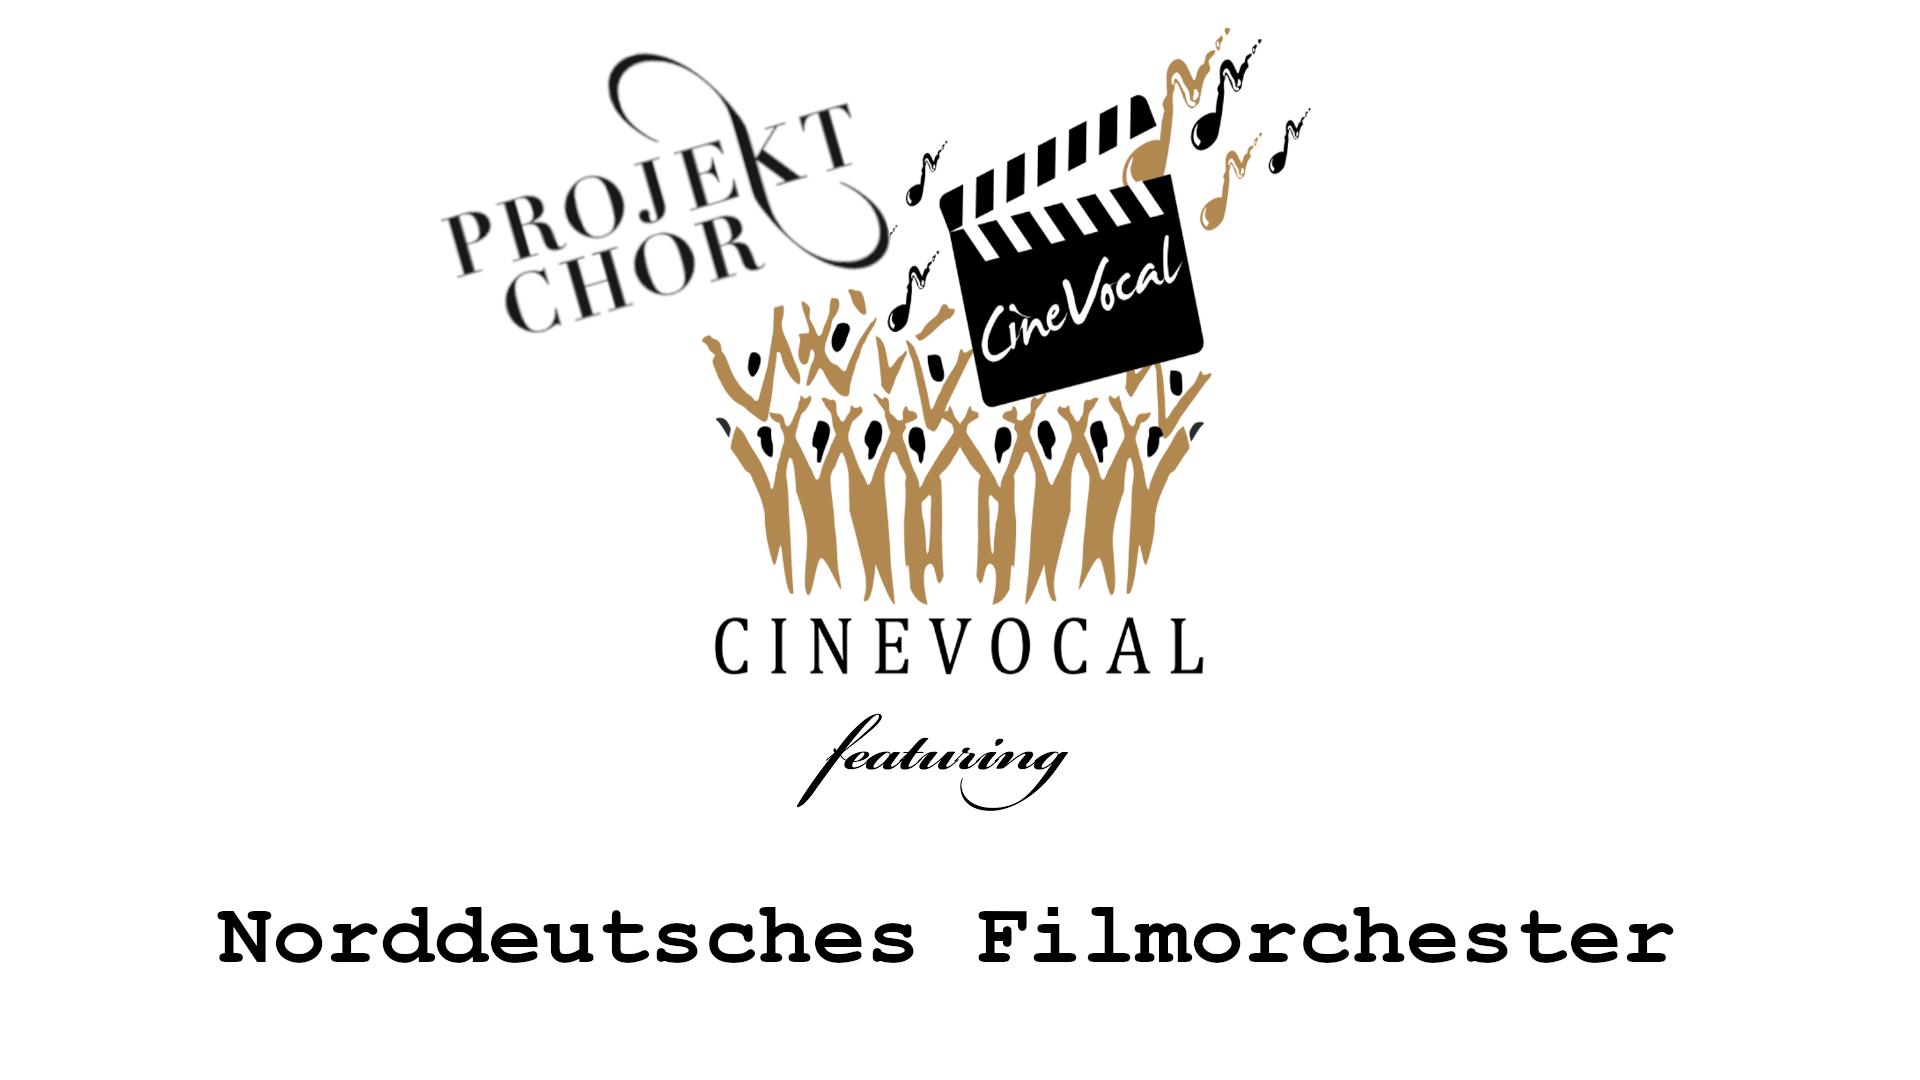 Chorprojekt: CineVocal featuring Norddeutsches Filmorchester